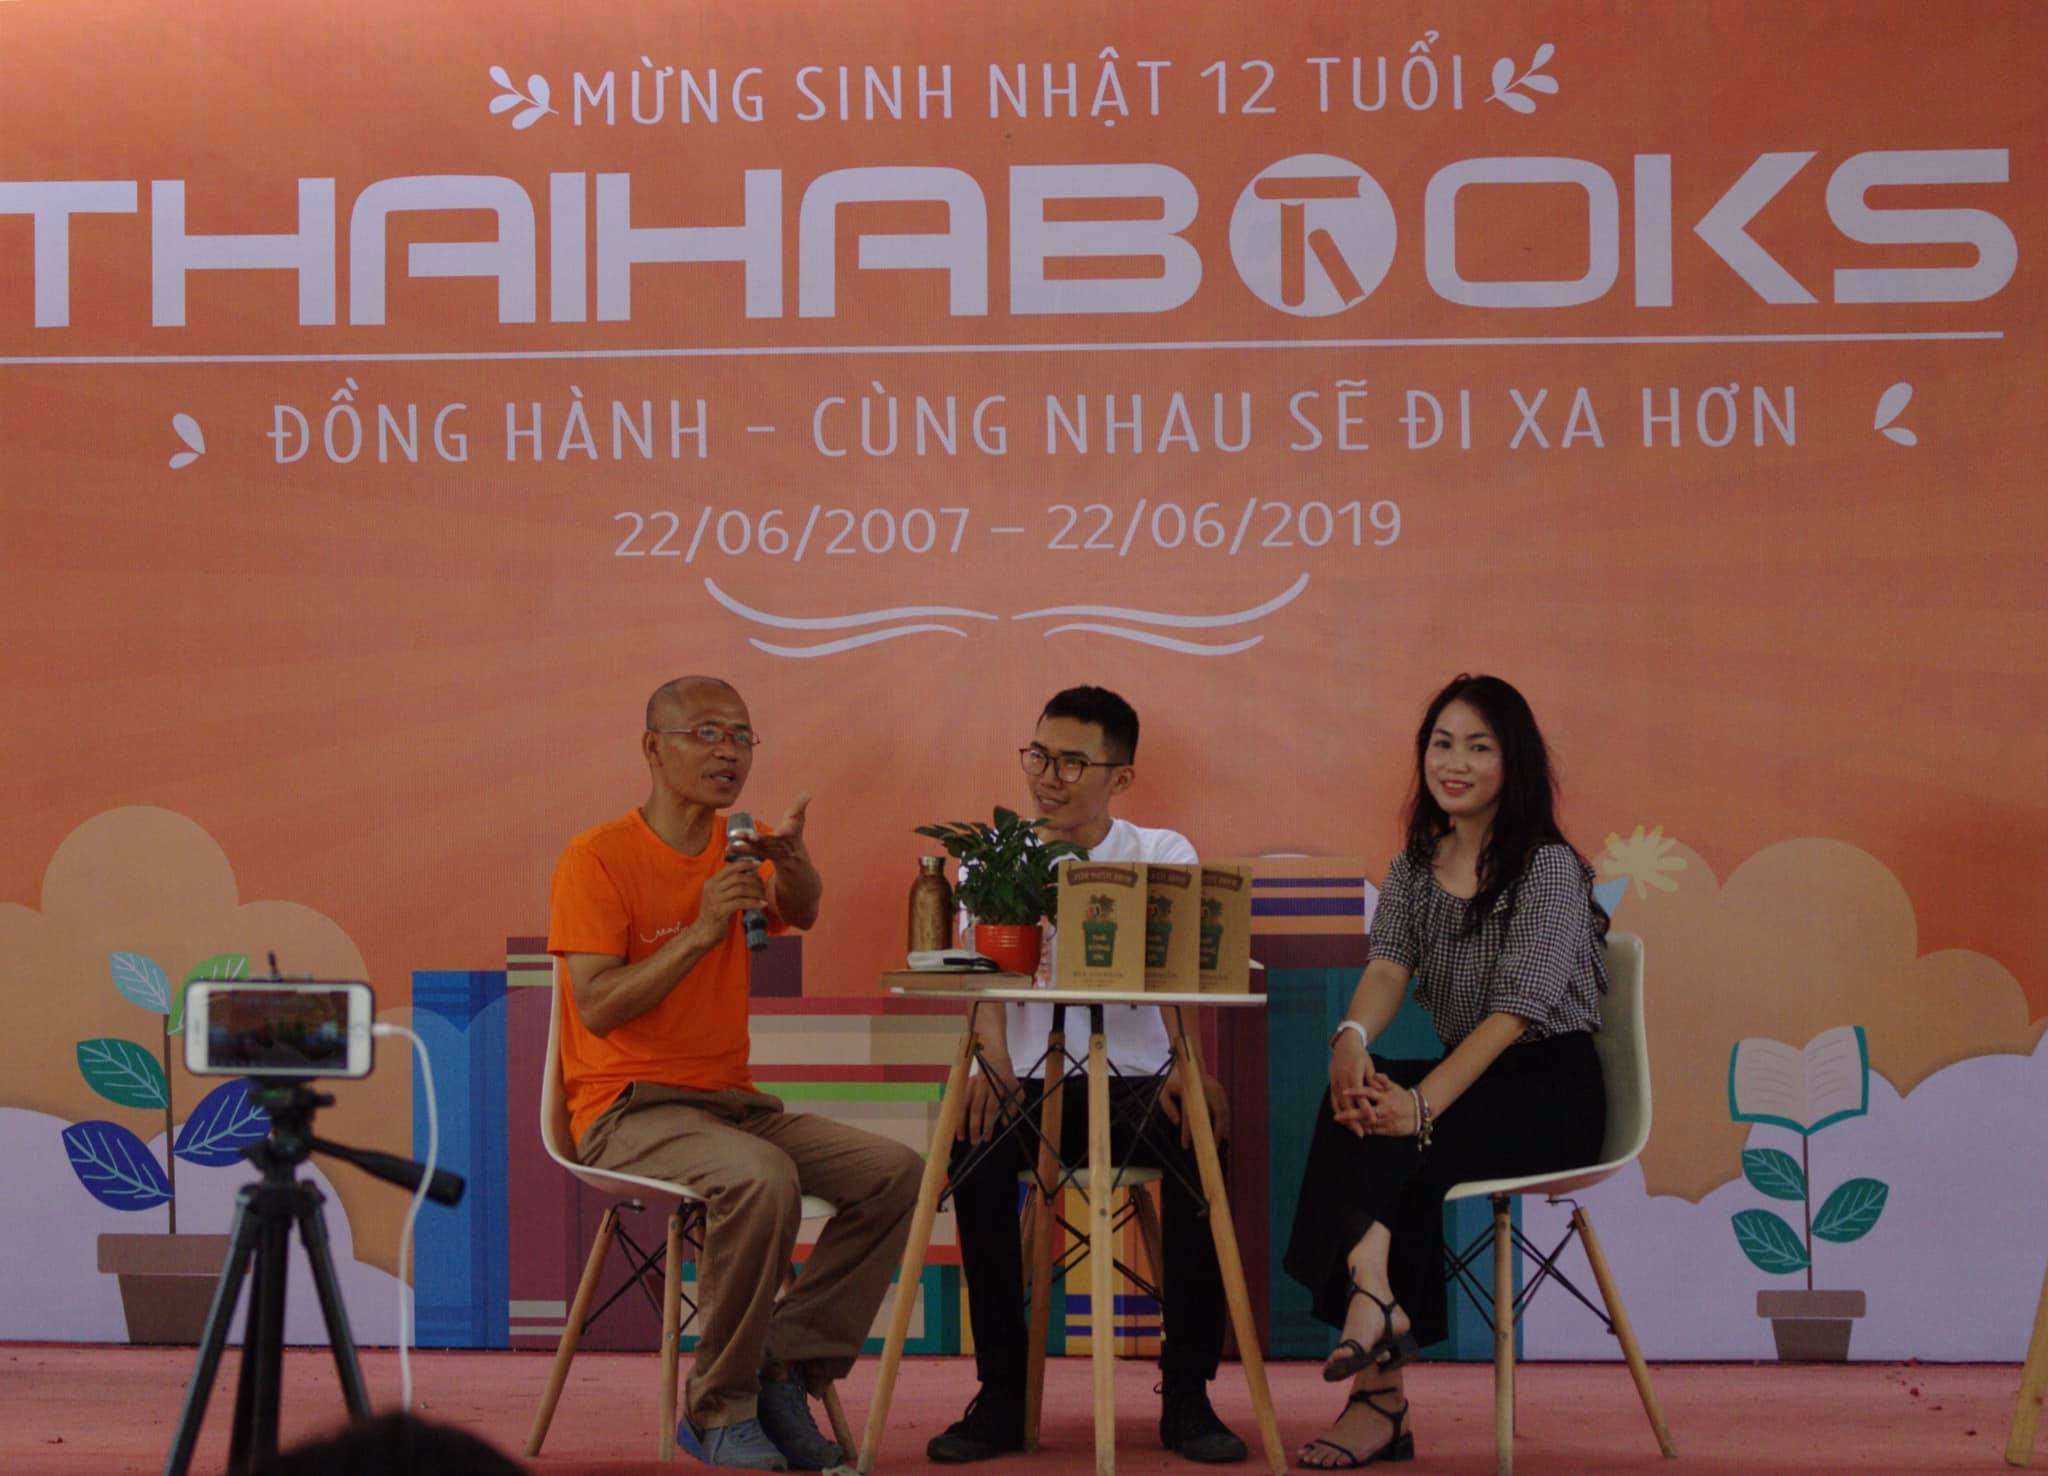 Phạm Thị Thủy – Cá nhân xuất sắc nhất Thái Hà Books 6 tháng đầu năm 2019